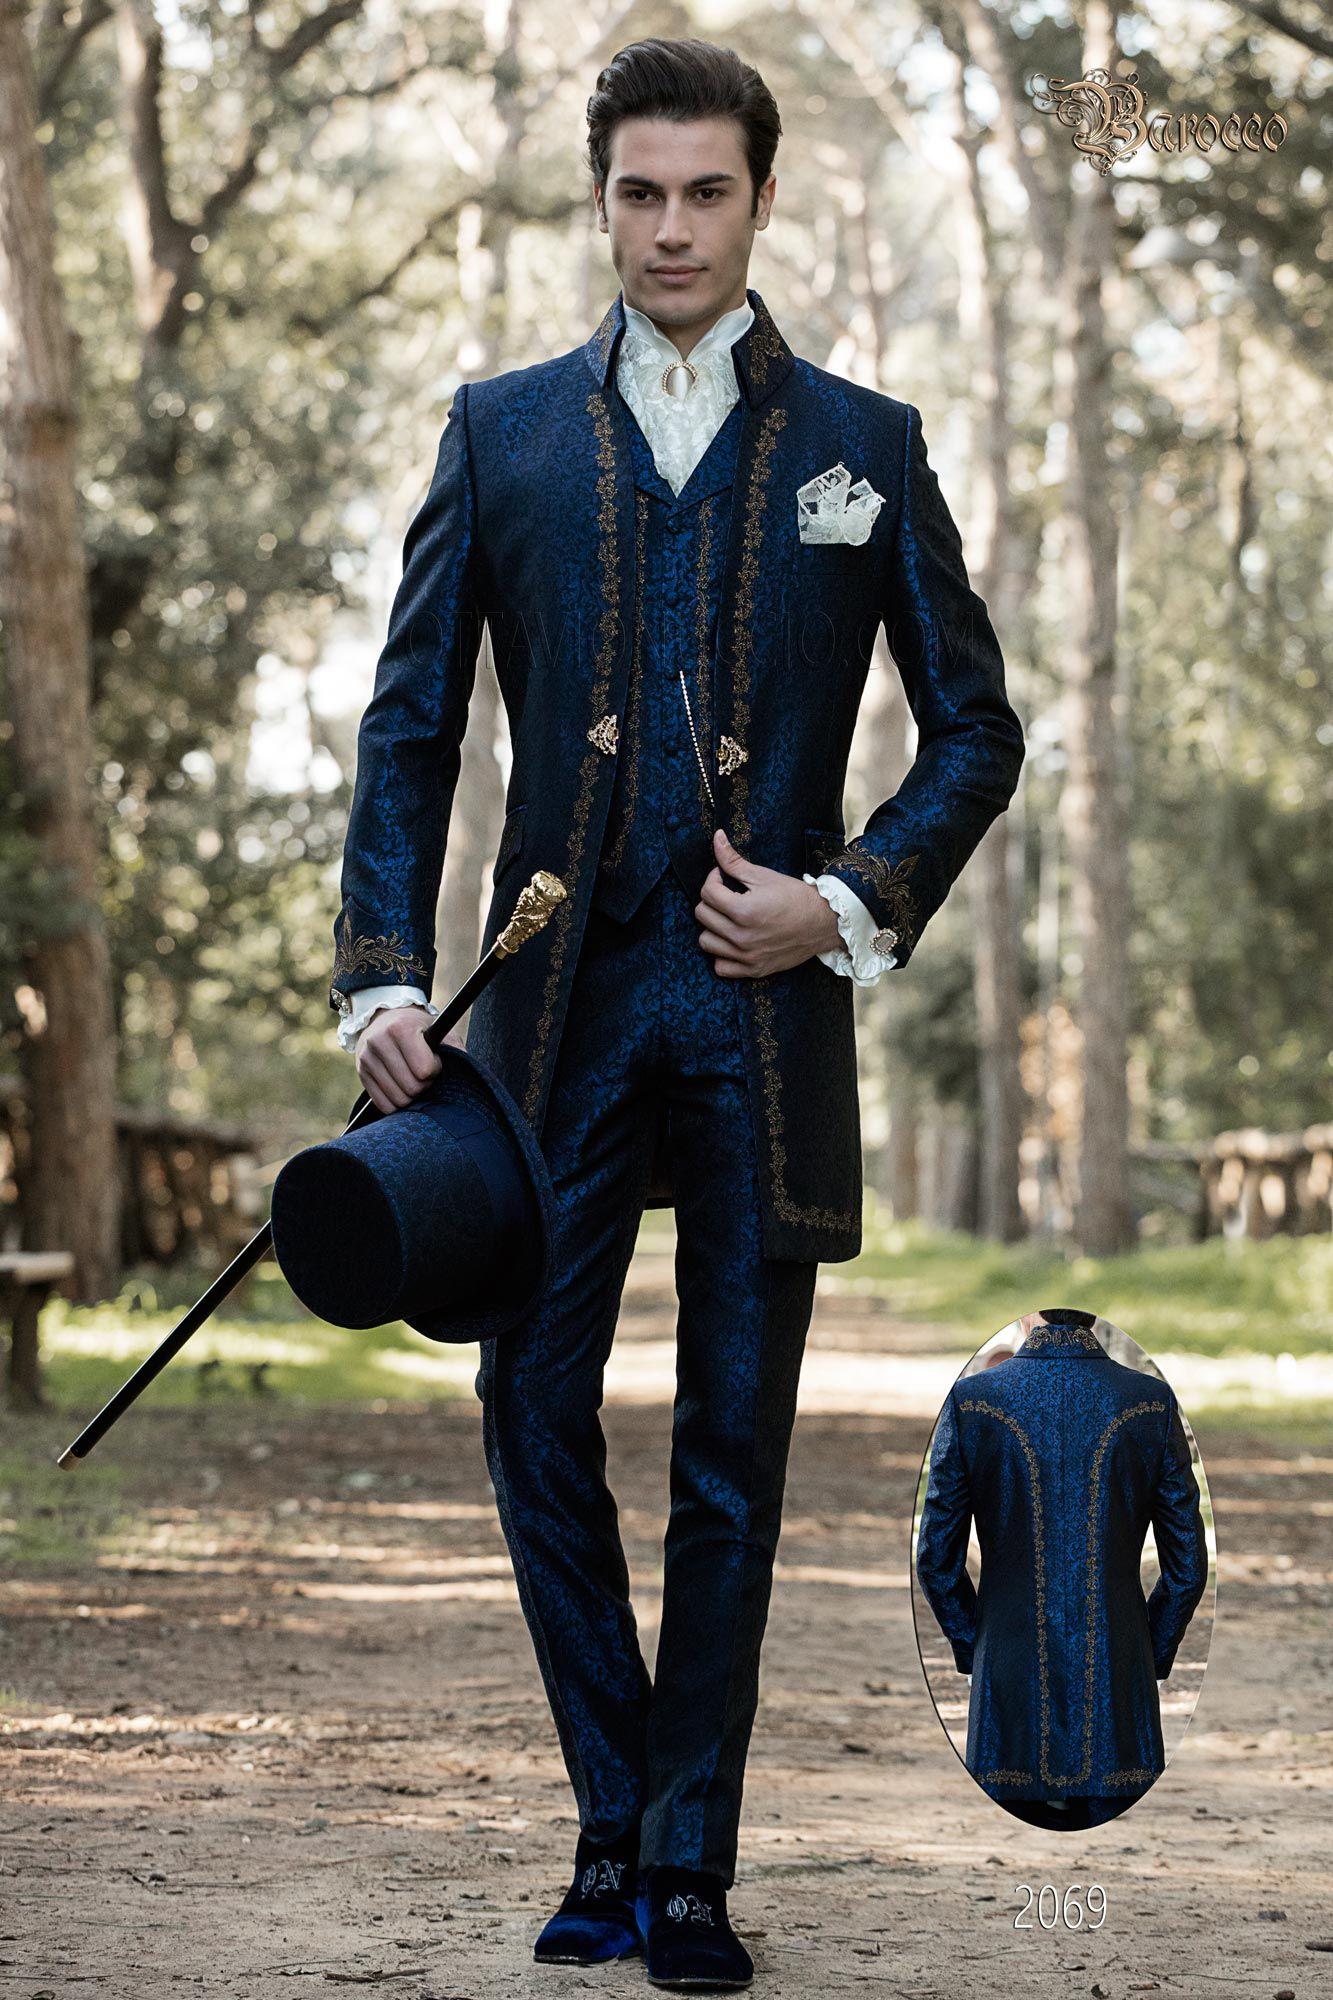 Hipster Matrimonio Uomo : Vestito sposo stile barocco damascato blu con ricami oro. completo